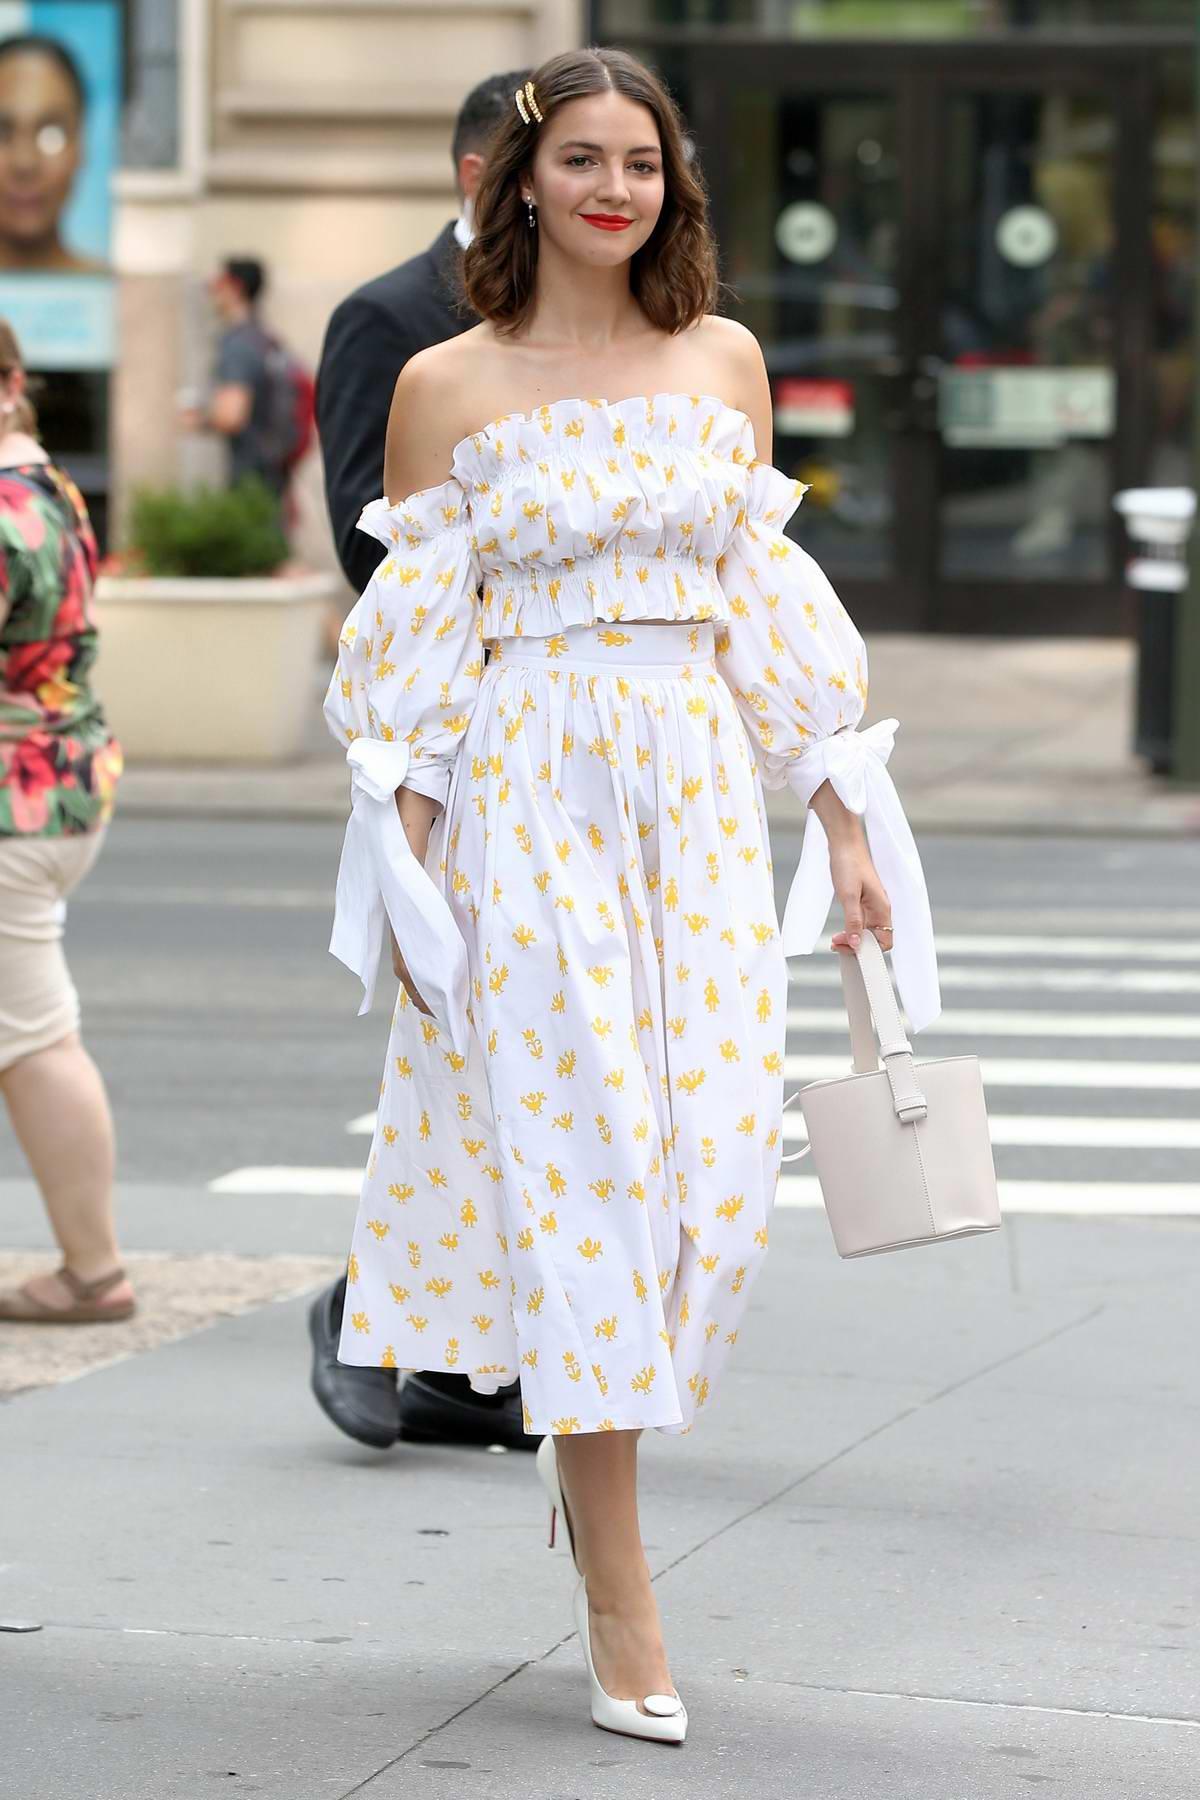 Ella Hunt looks elegant in white as she arrives at Build Studio in New York City